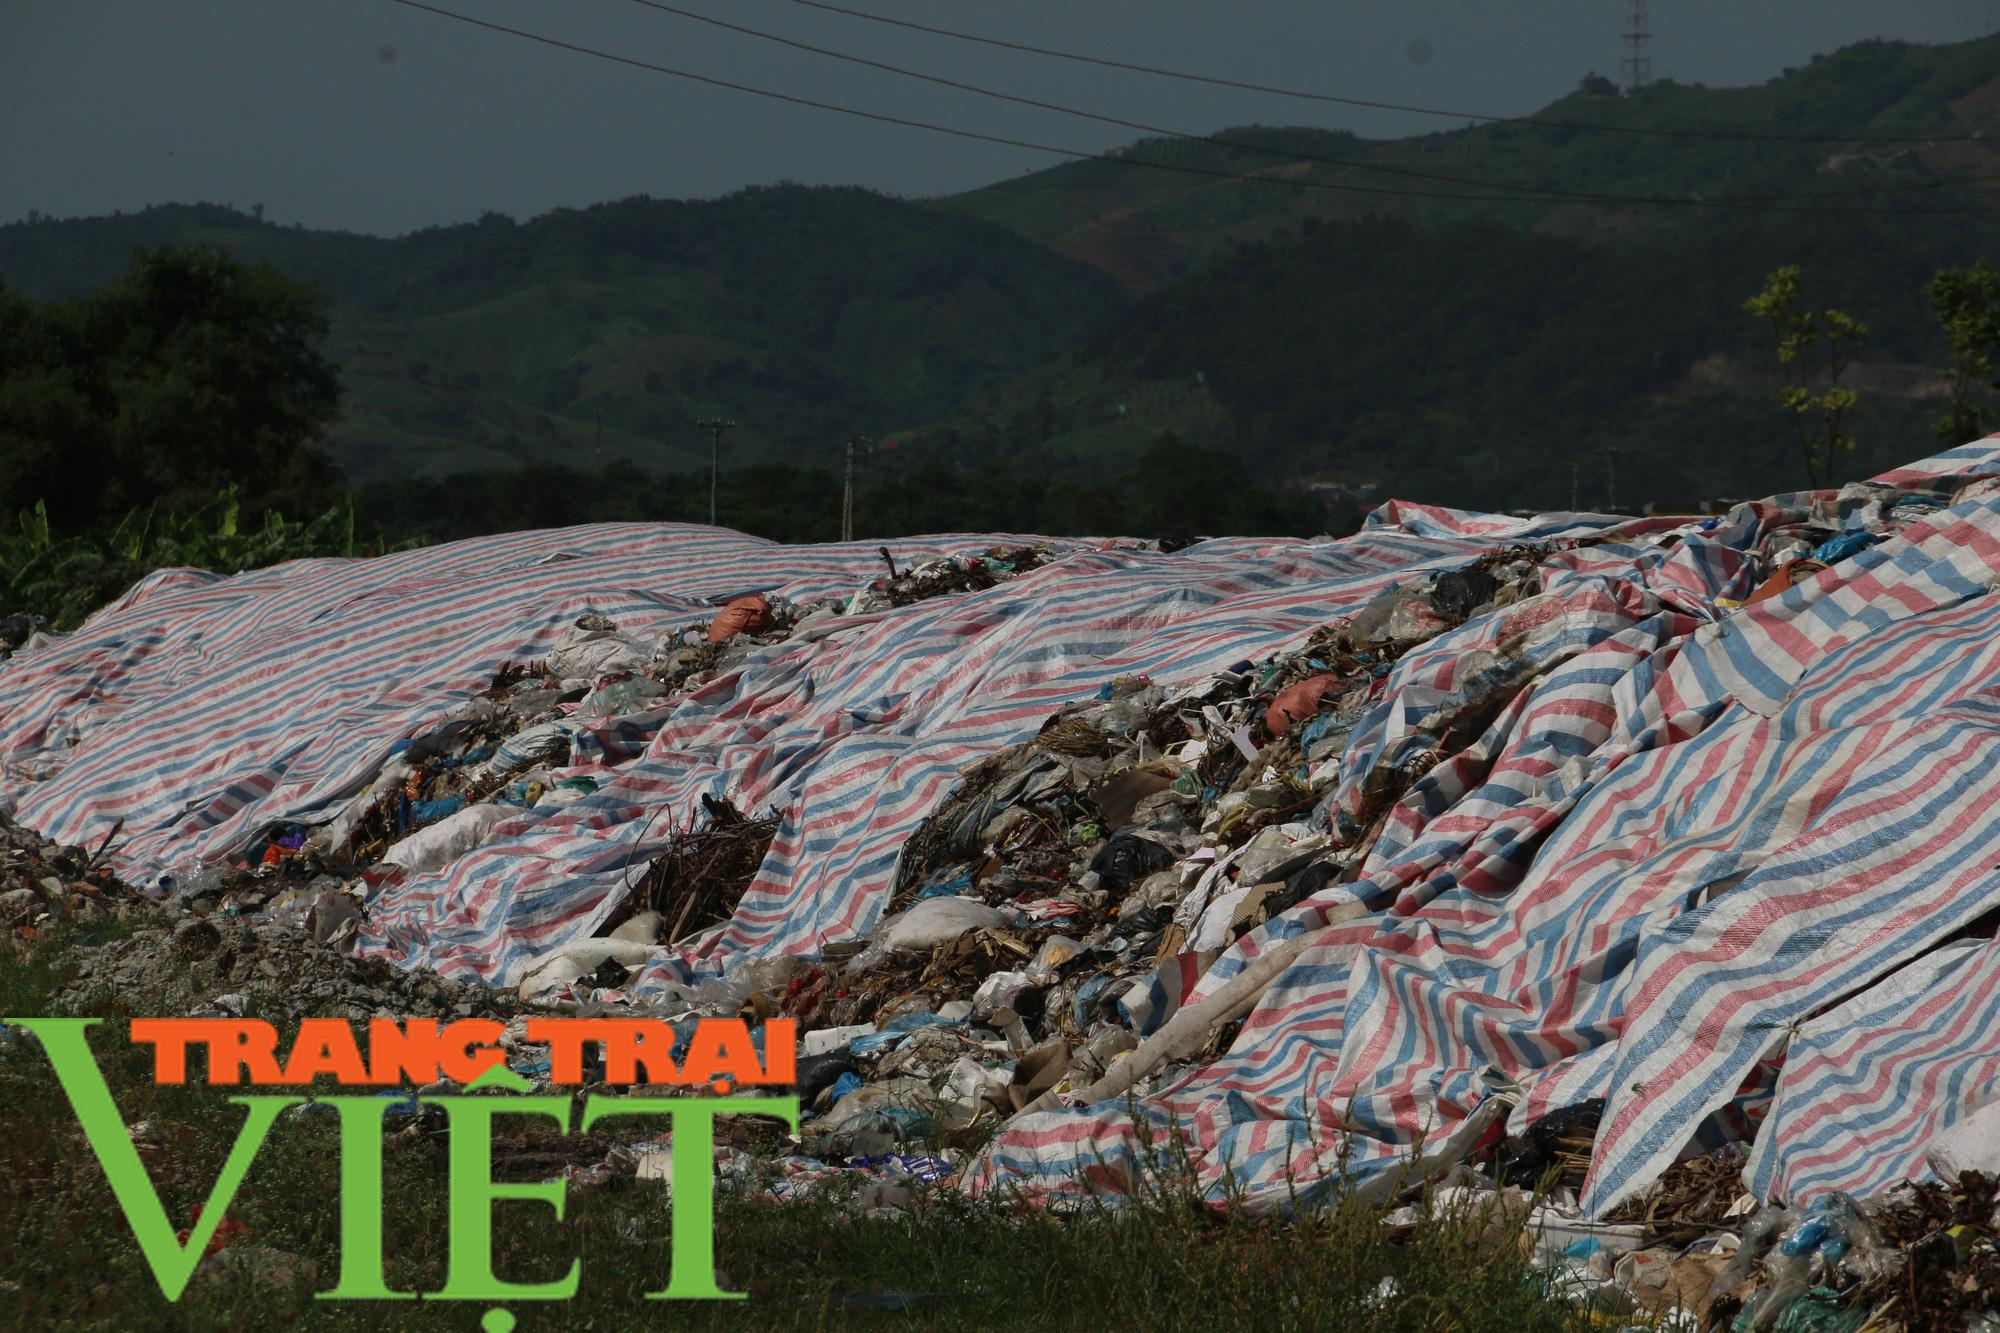 Hoà Bình: Người dân kêu trời vì rác chất đầy gần quảng trường - Ảnh 4.